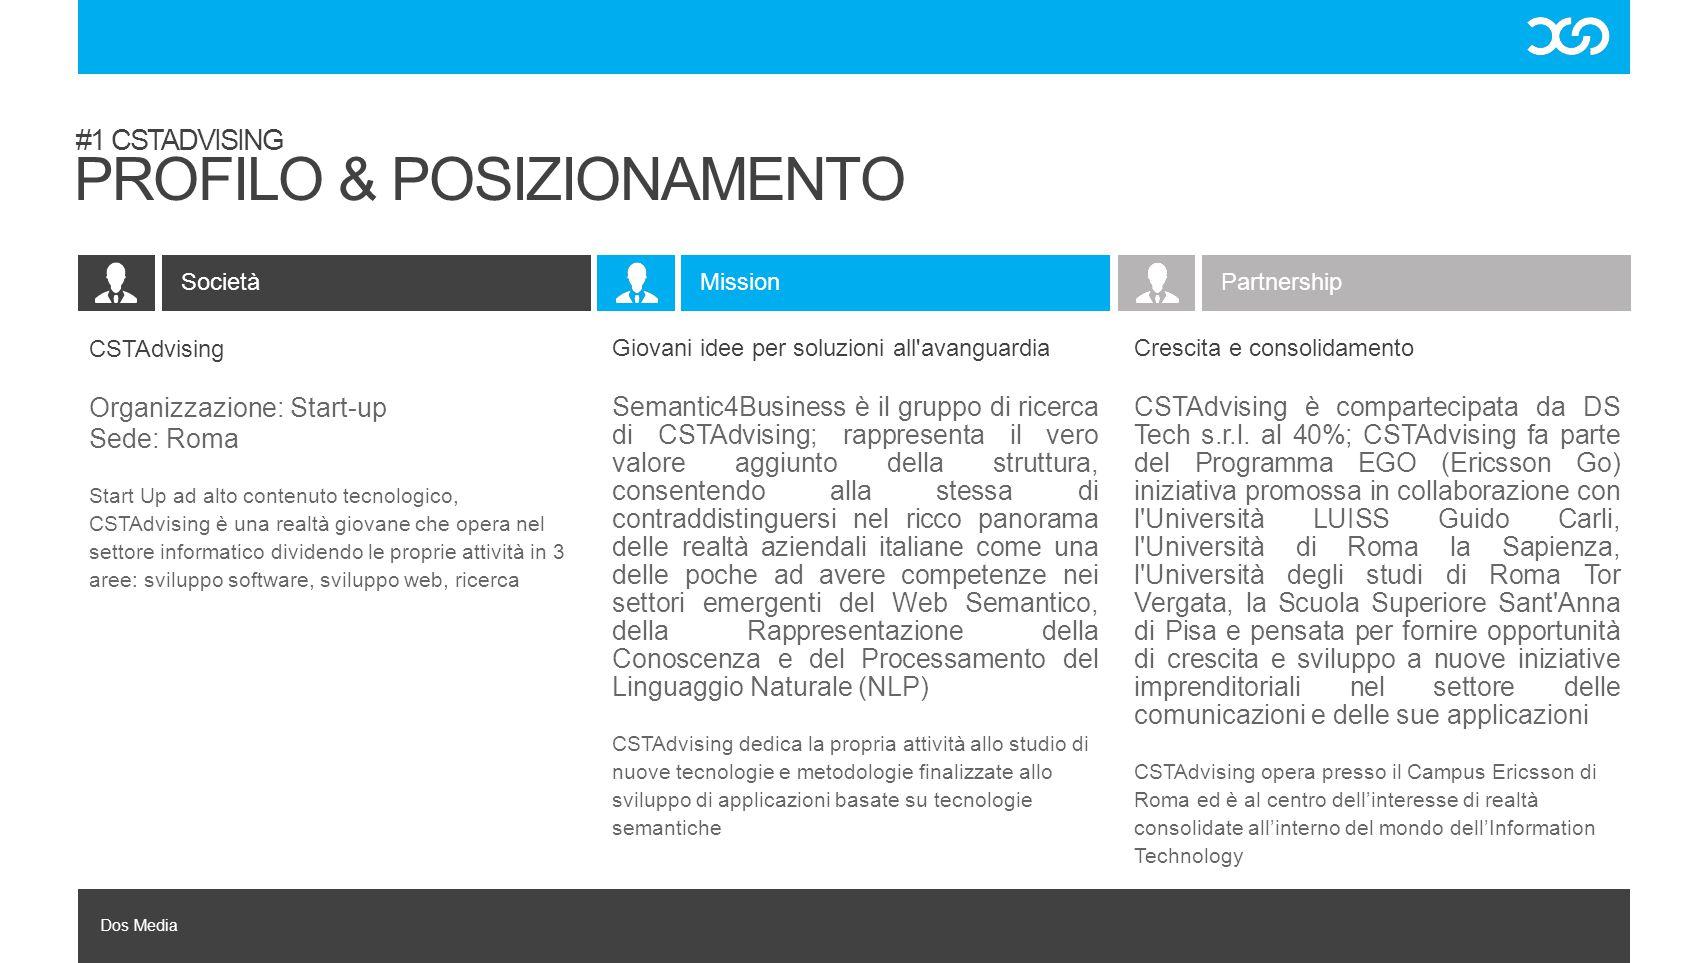 Dos Media TEAM Massimiliano Miglio: Laurea in Informatica con una tesi sul Web Semantico.